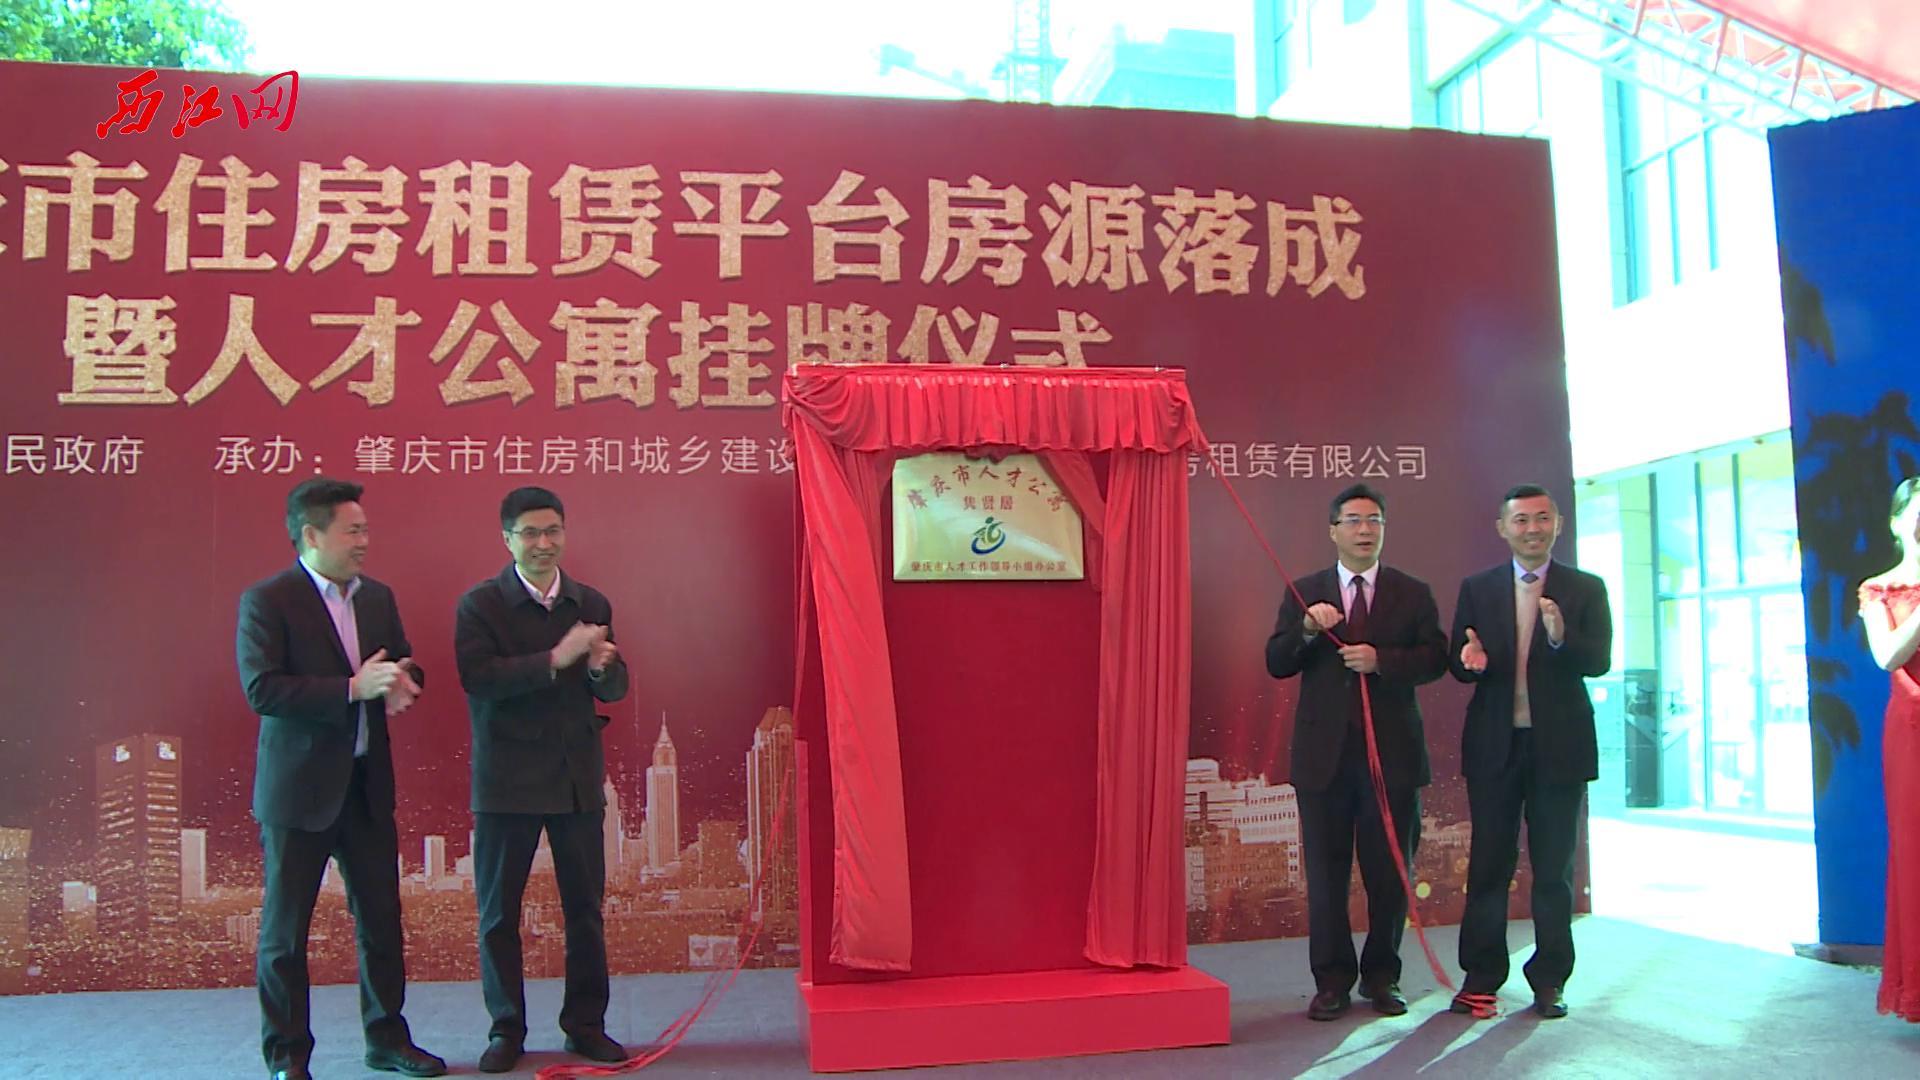 肇庆市住房租赁平台首批房源落成暨人才公寓挂牌仪式今日举行